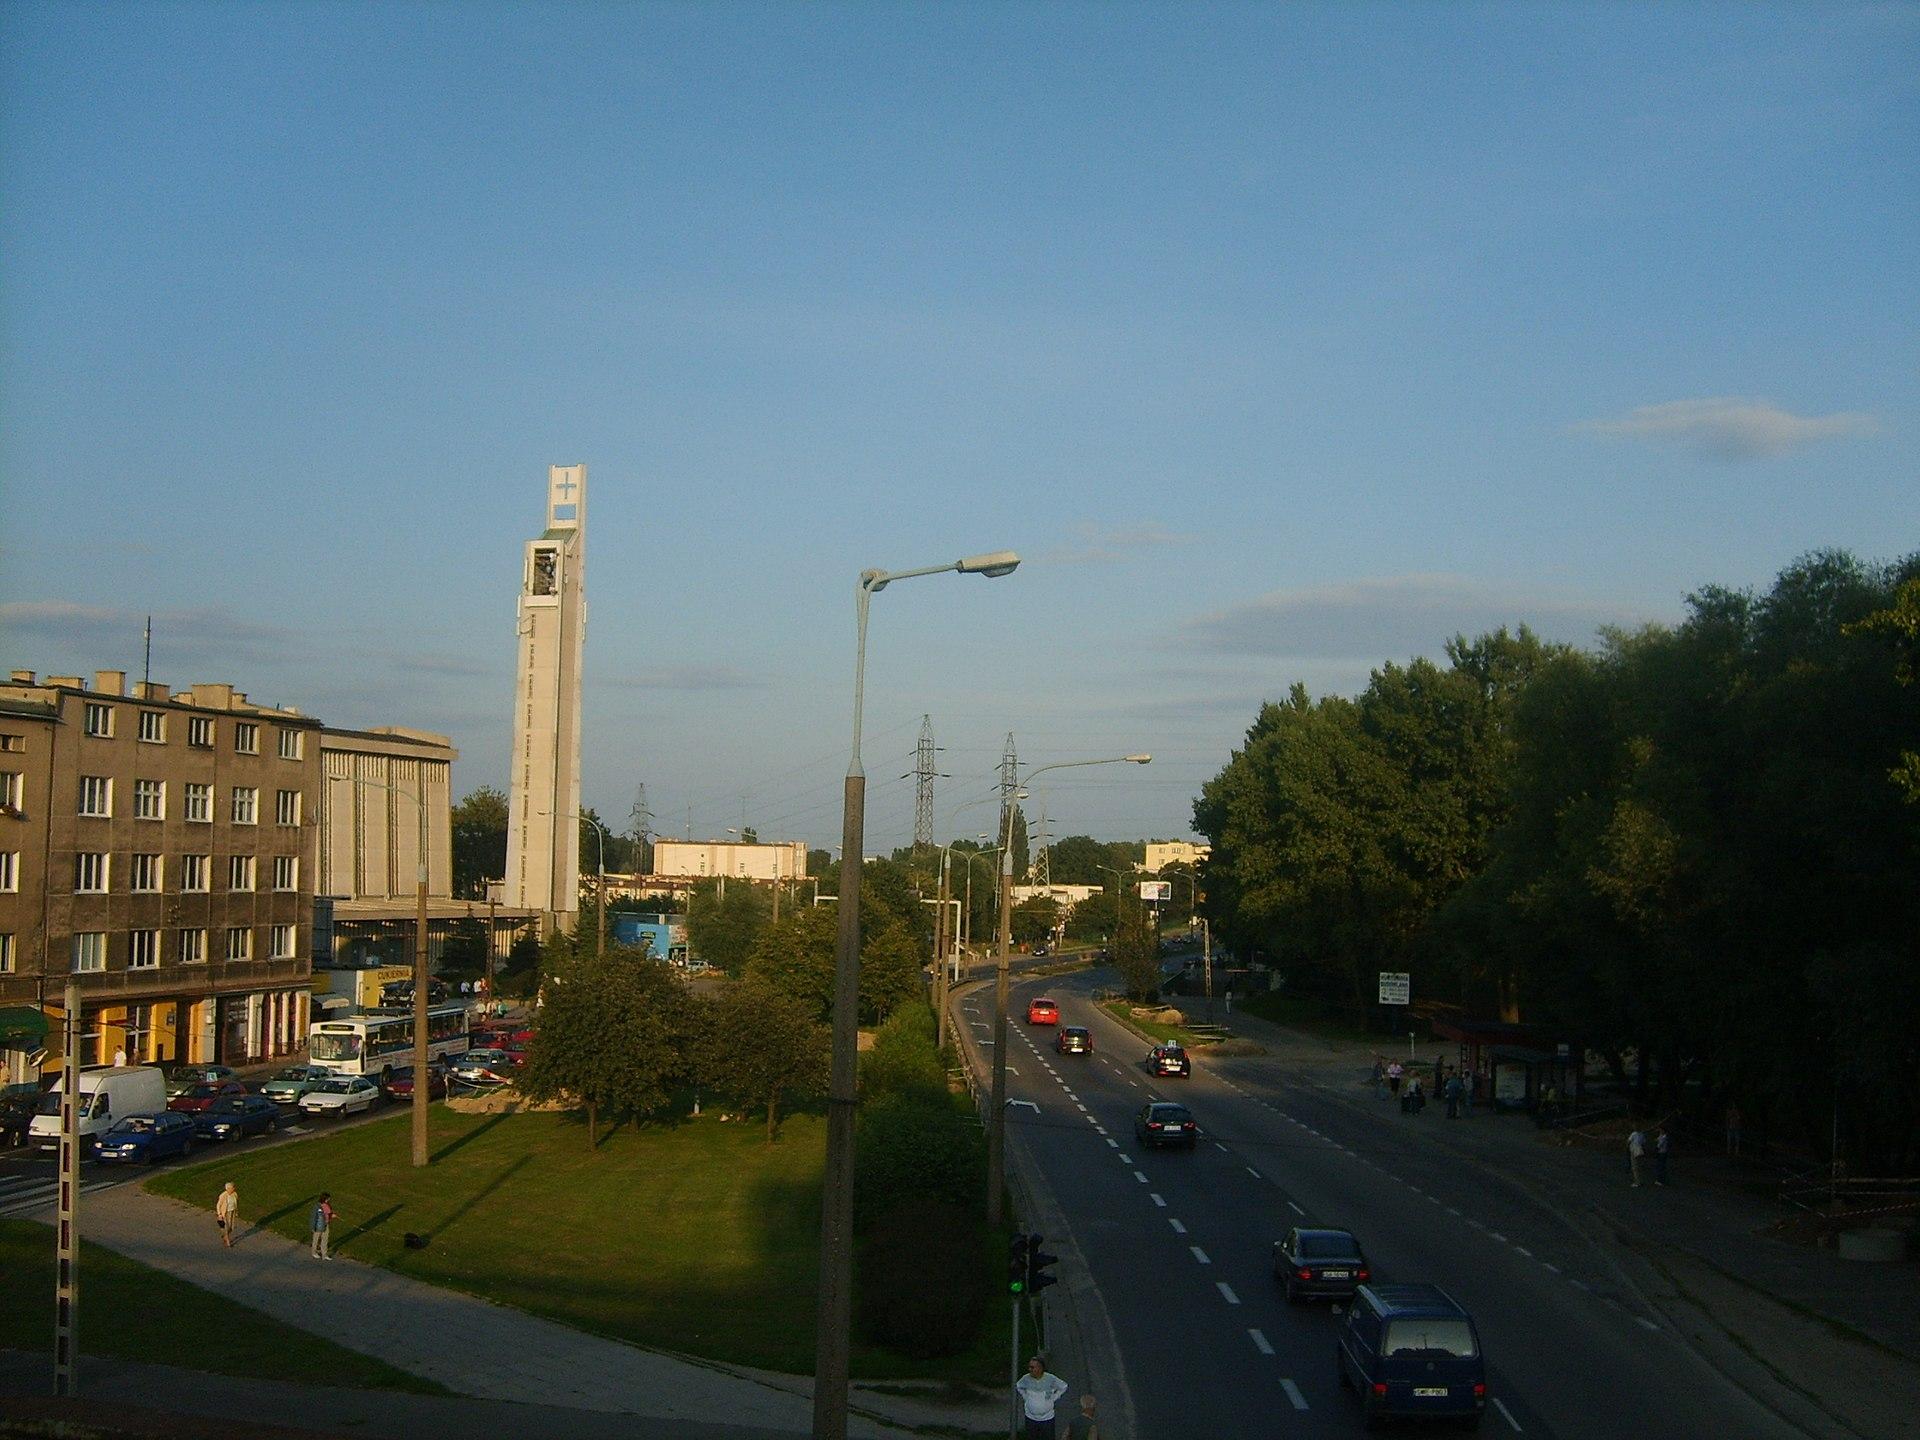 Ulica Morska W Gdyni Wikipedia Wolna Encyklopedia